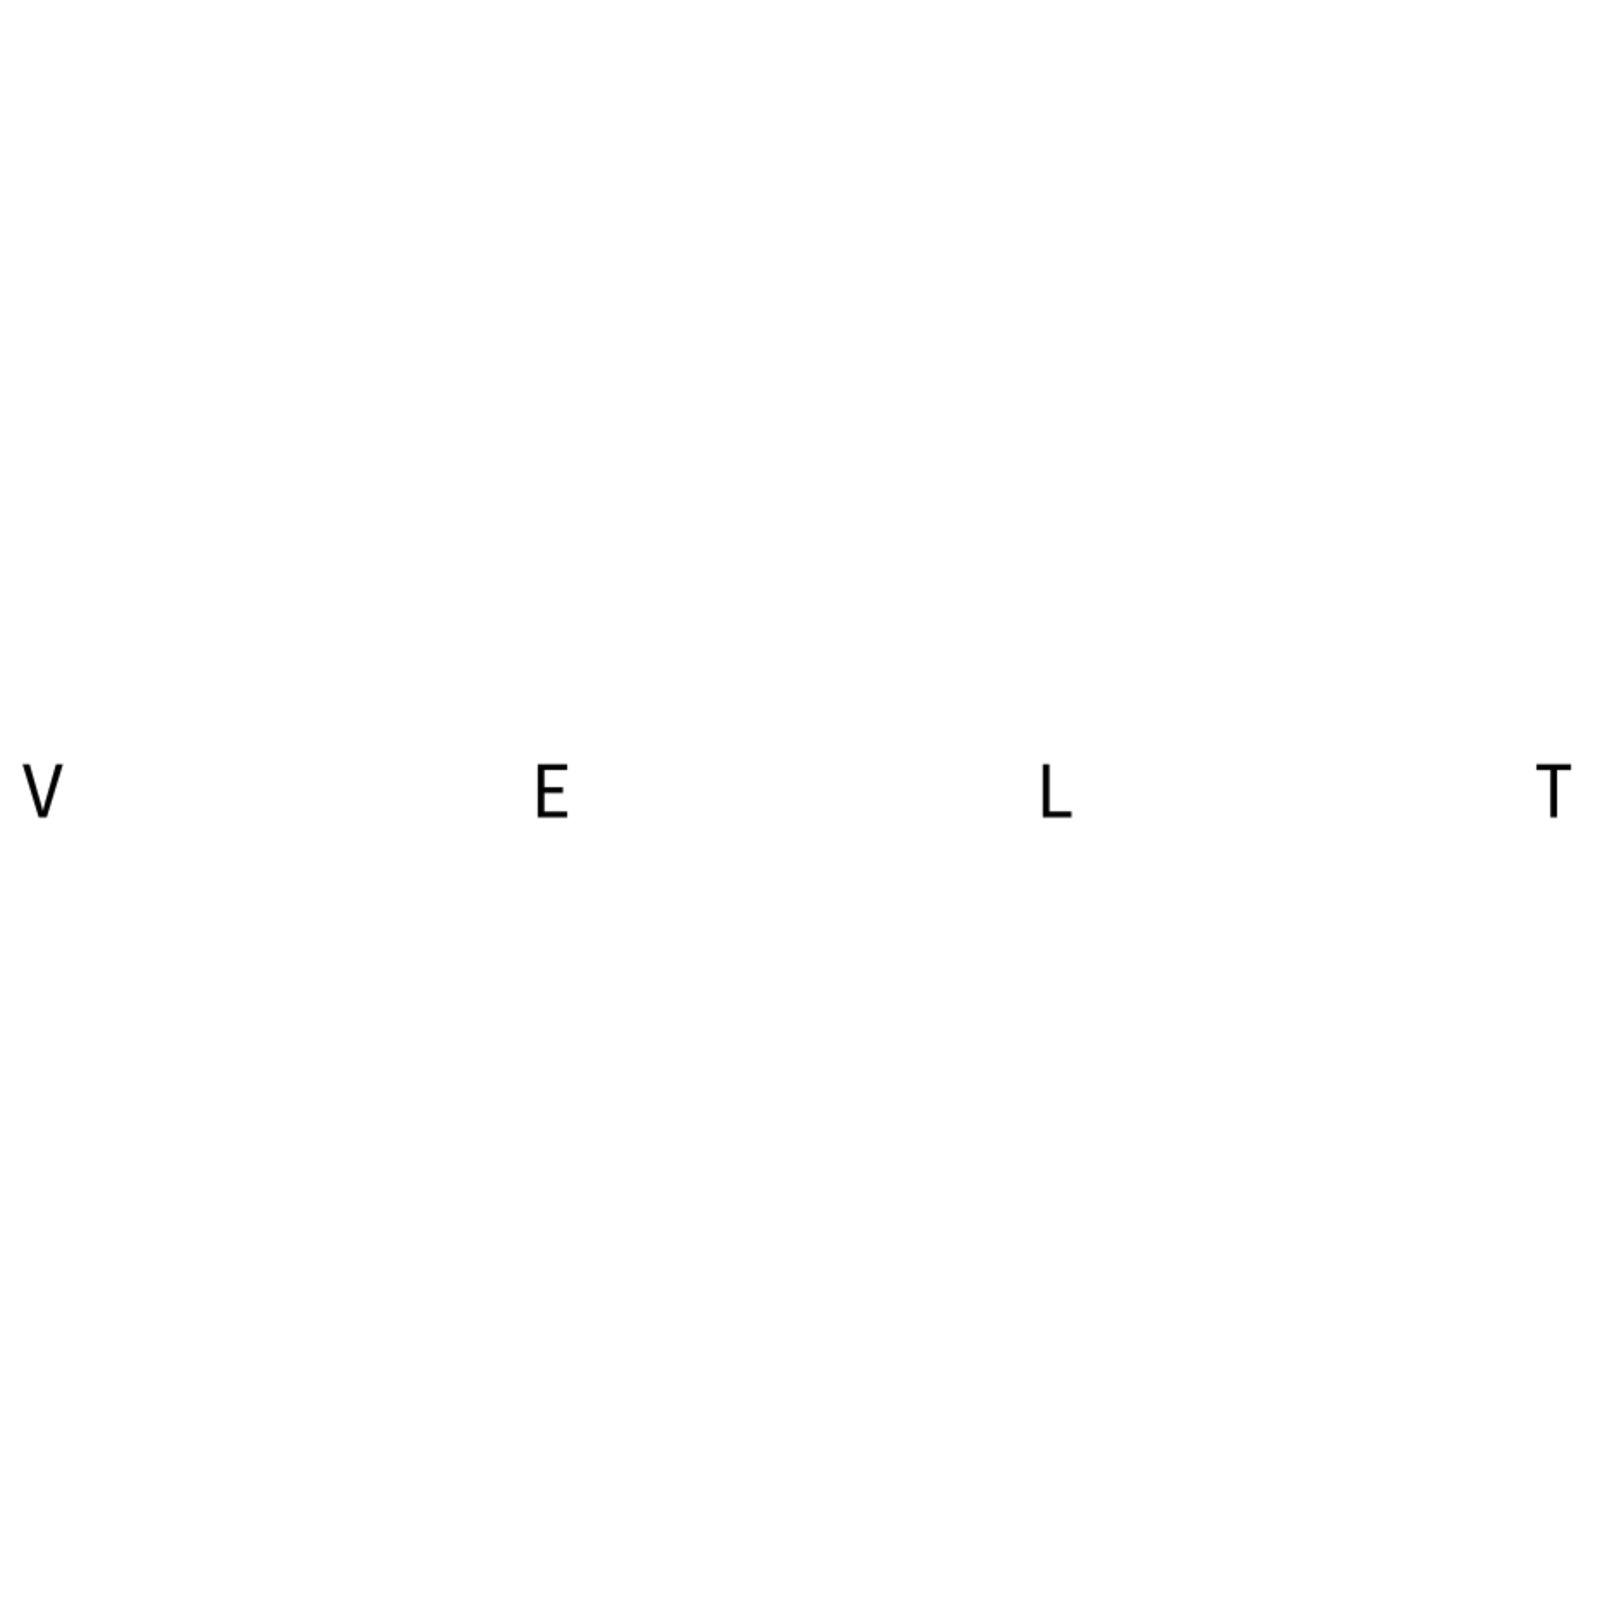 VELT (Image 1)